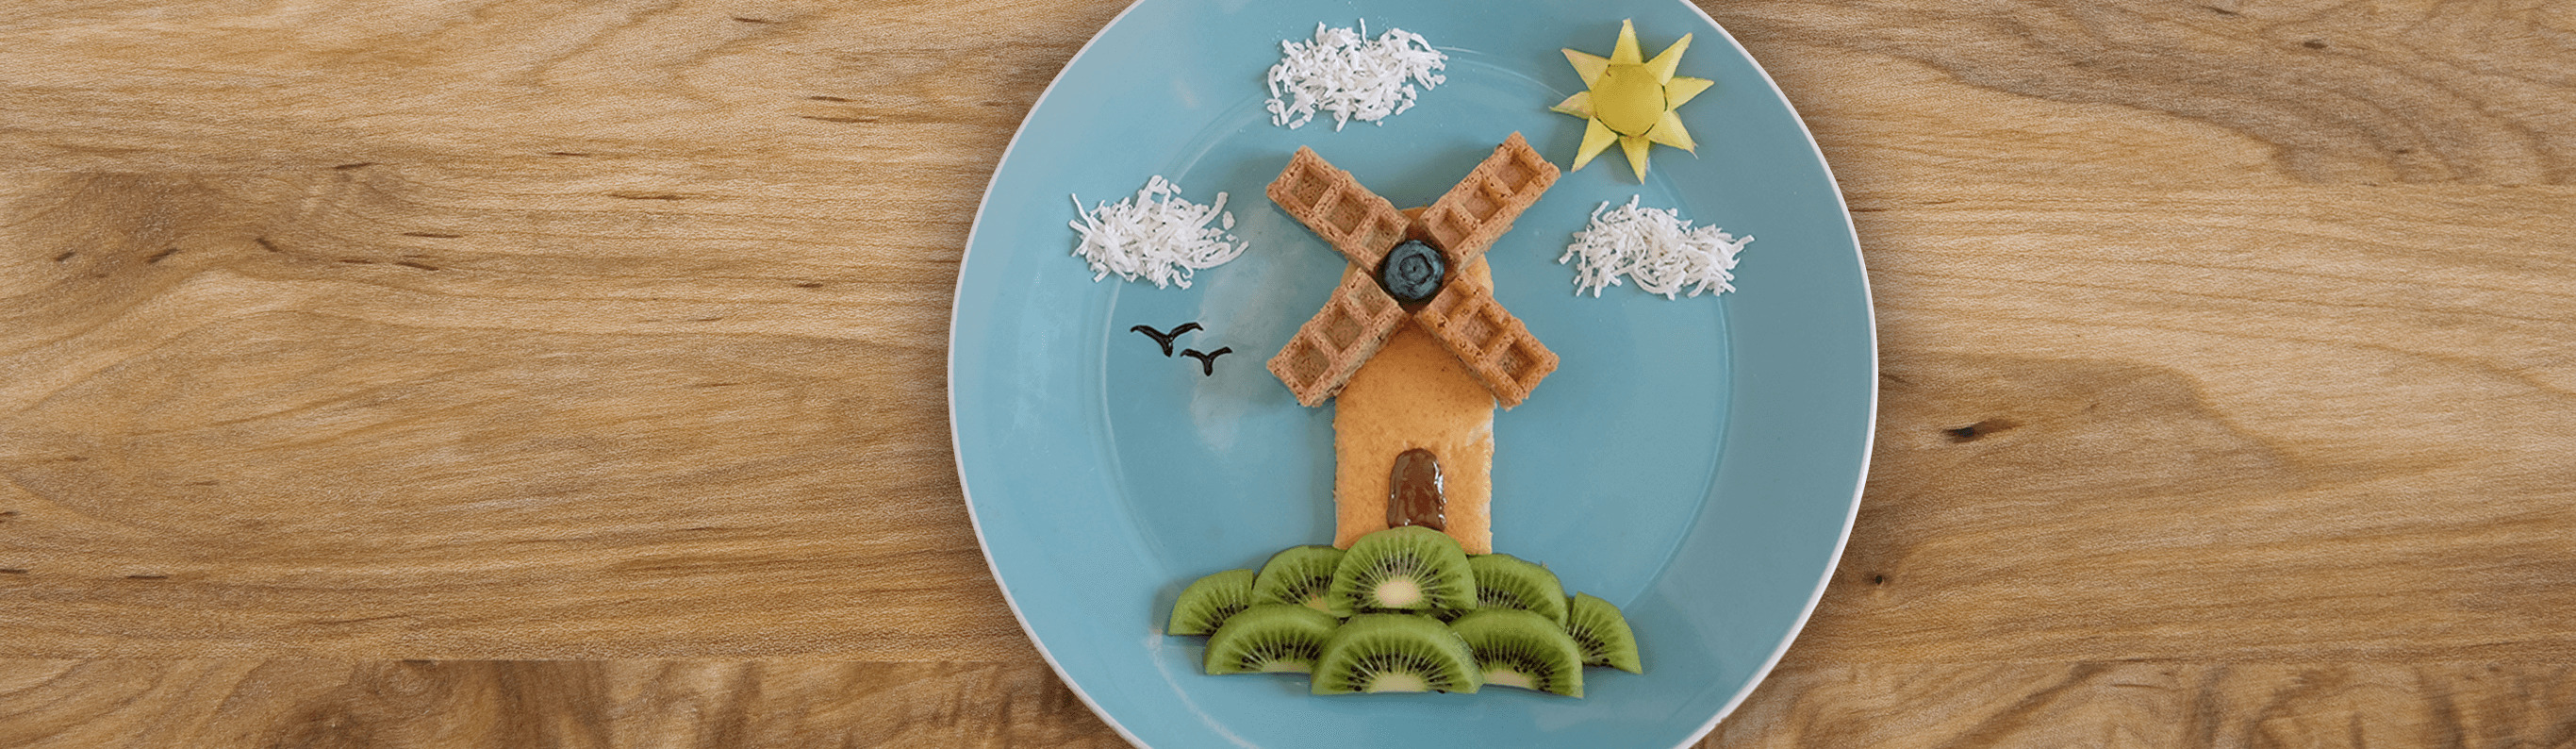 Windmill Pancakes & Waffles